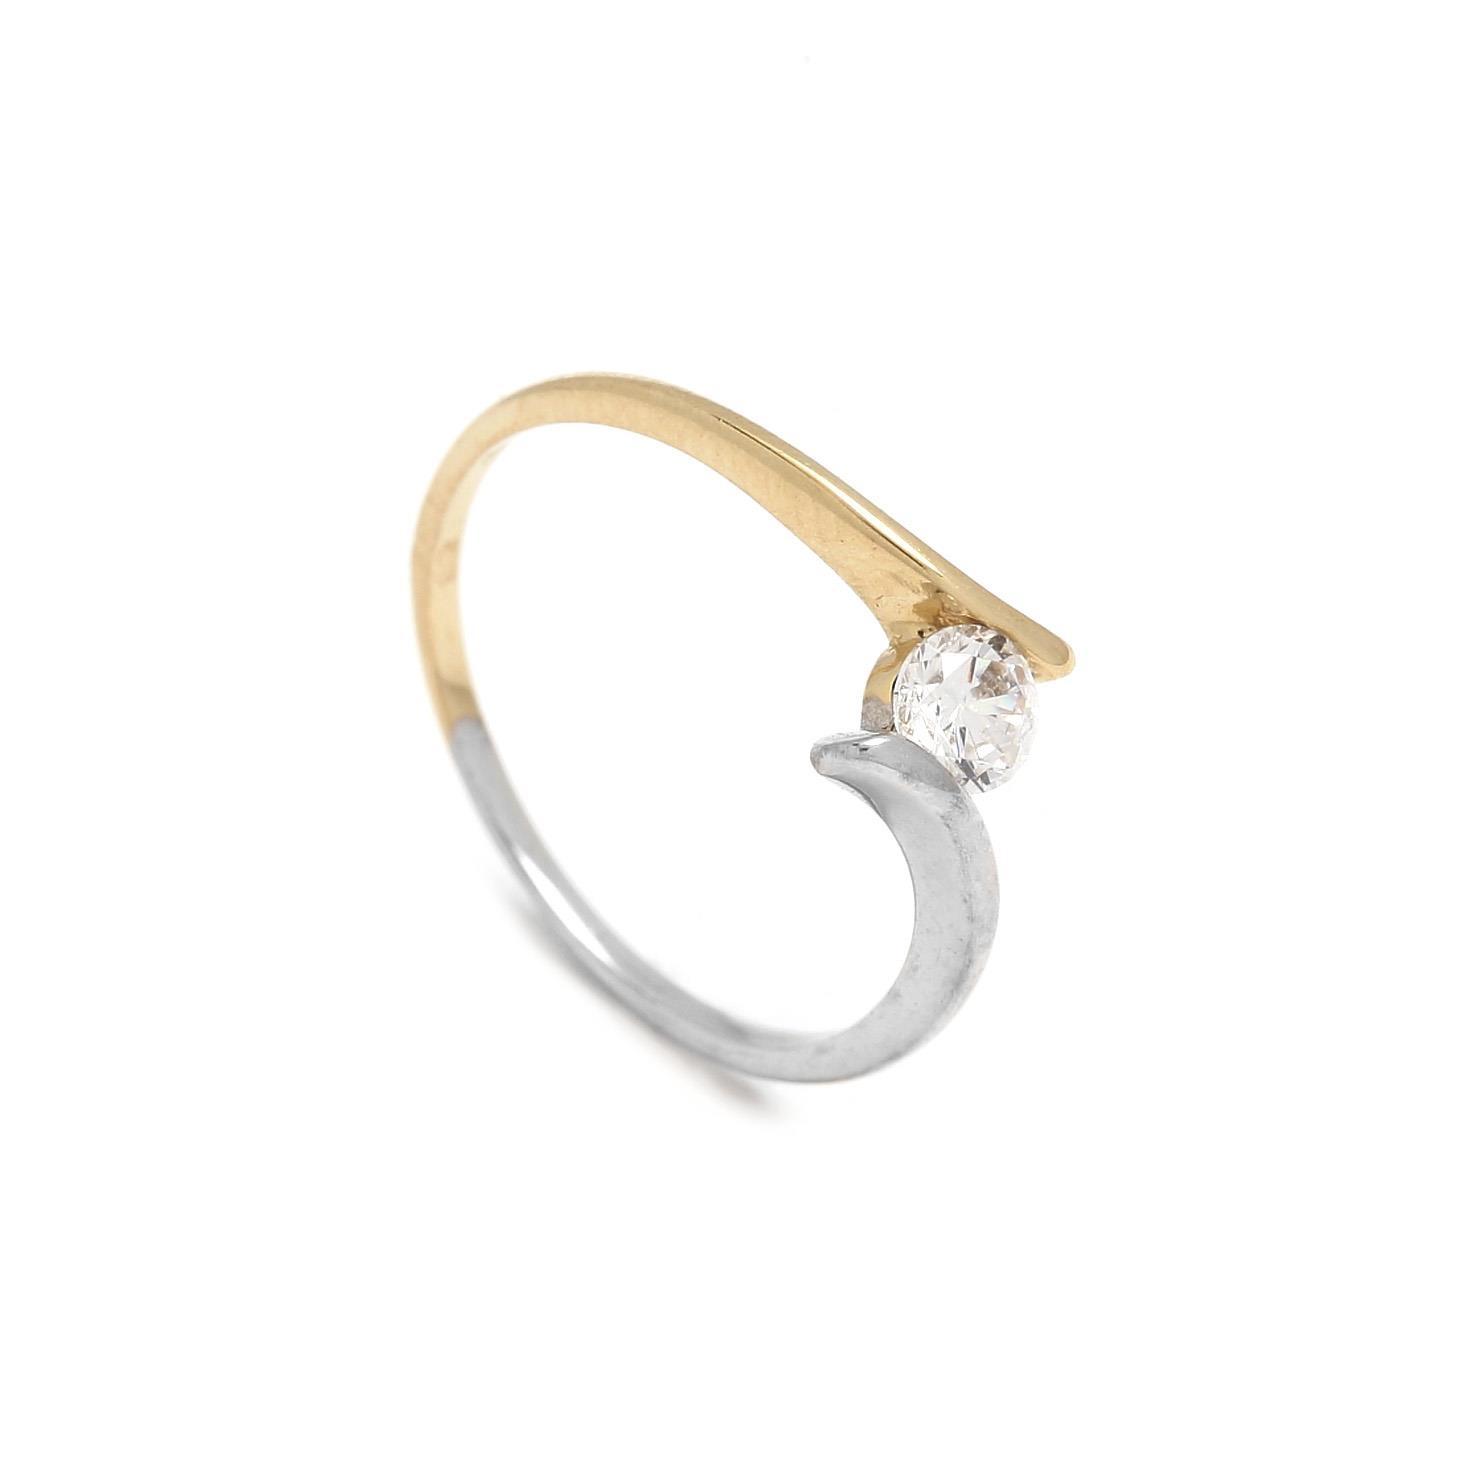 Zlatý dámsky prsteň GIOFFREDA 1PK00072